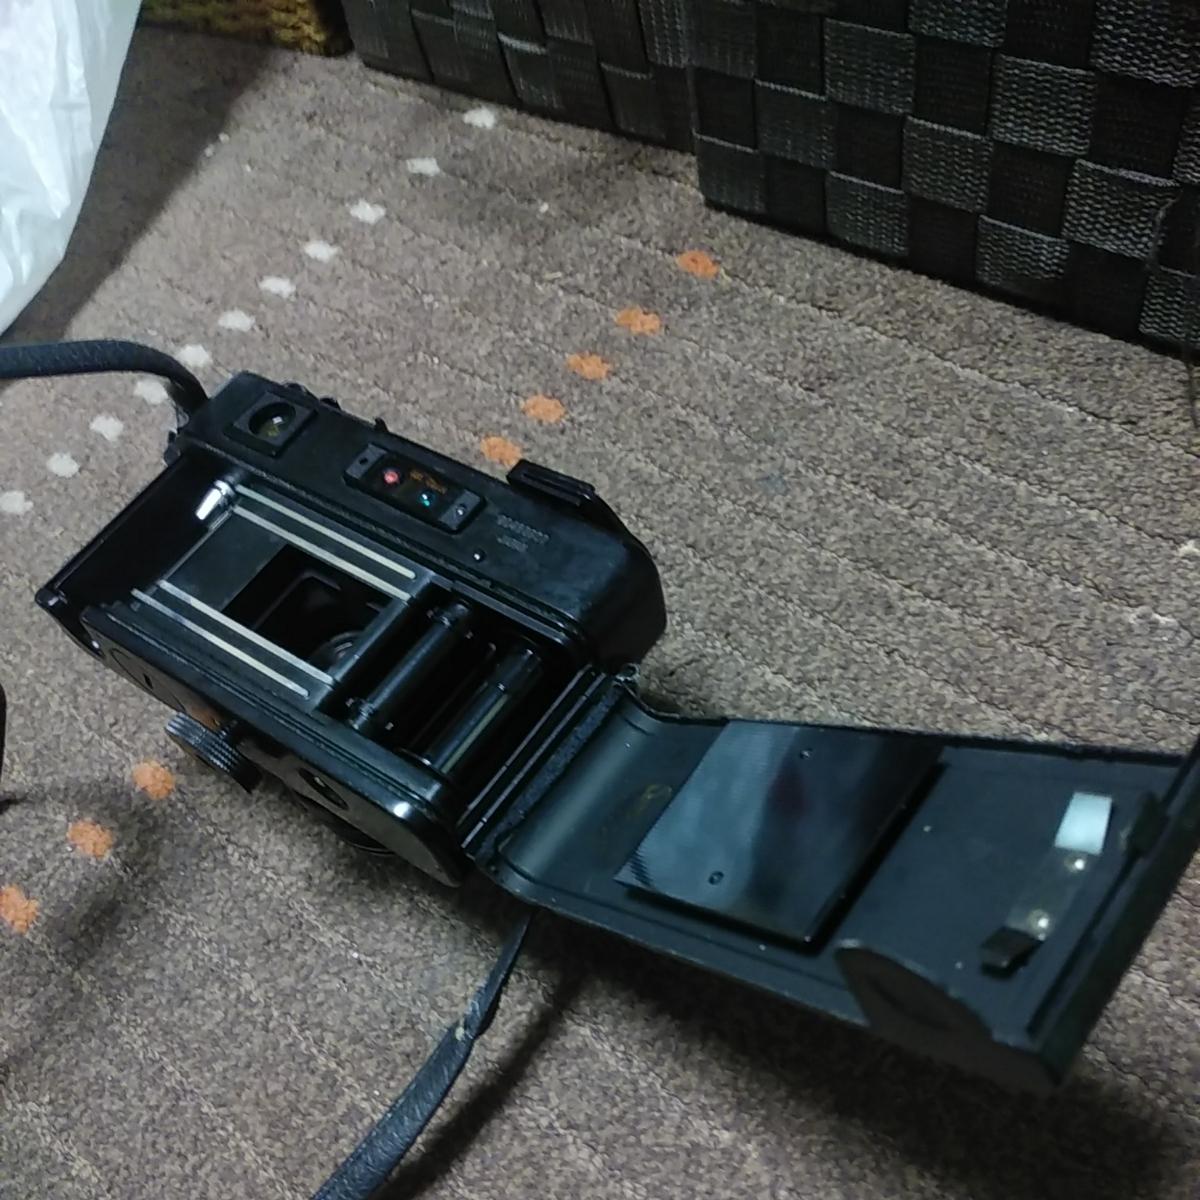 ヤシカ エレクトロ 35 GT/Electro 35 シャッターのみ動作確認済 used!_画像5